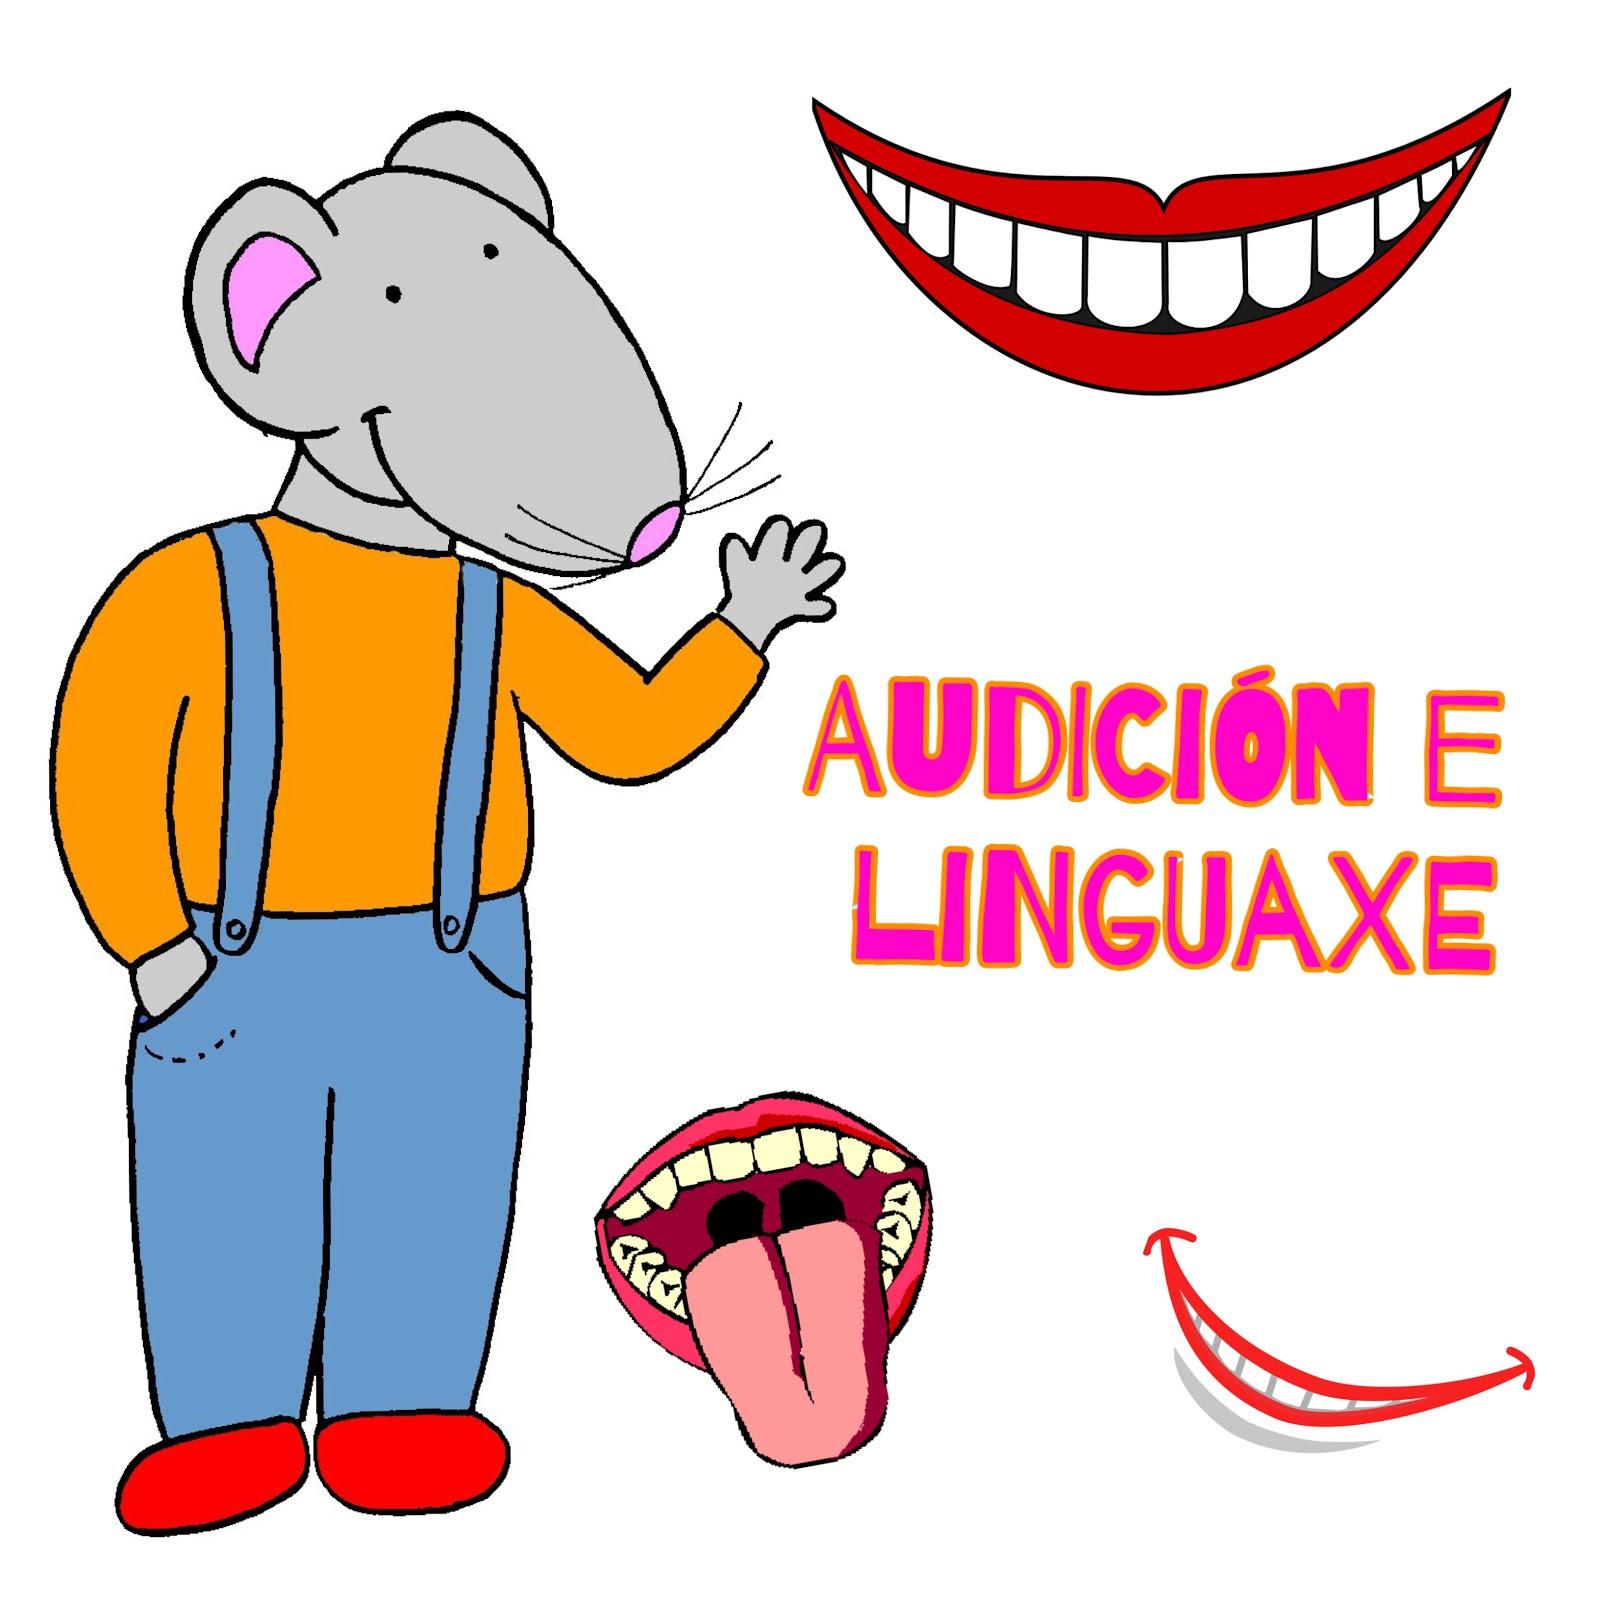 audición e linguaxe